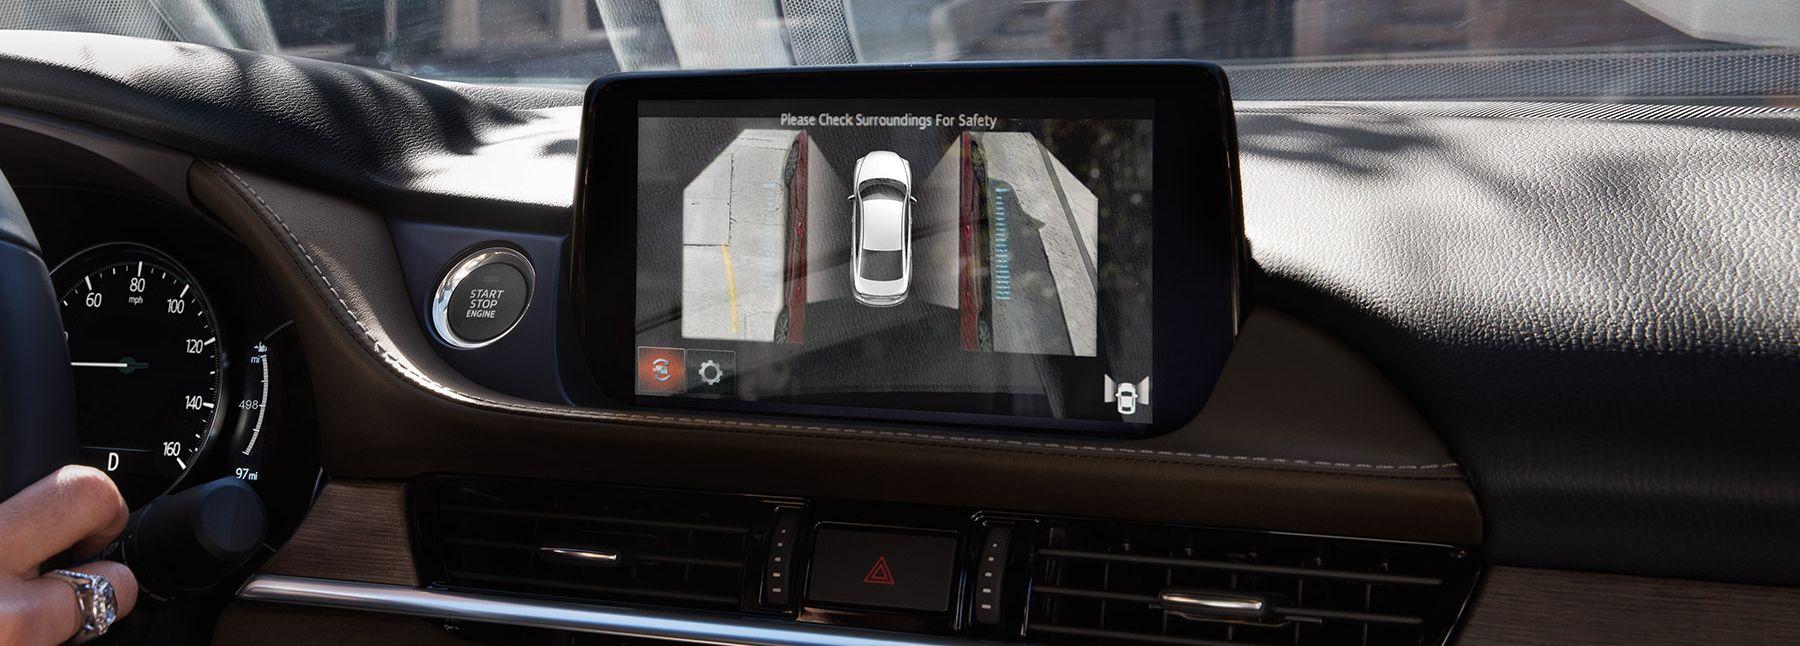 2019 Mazda6 Safety Systems